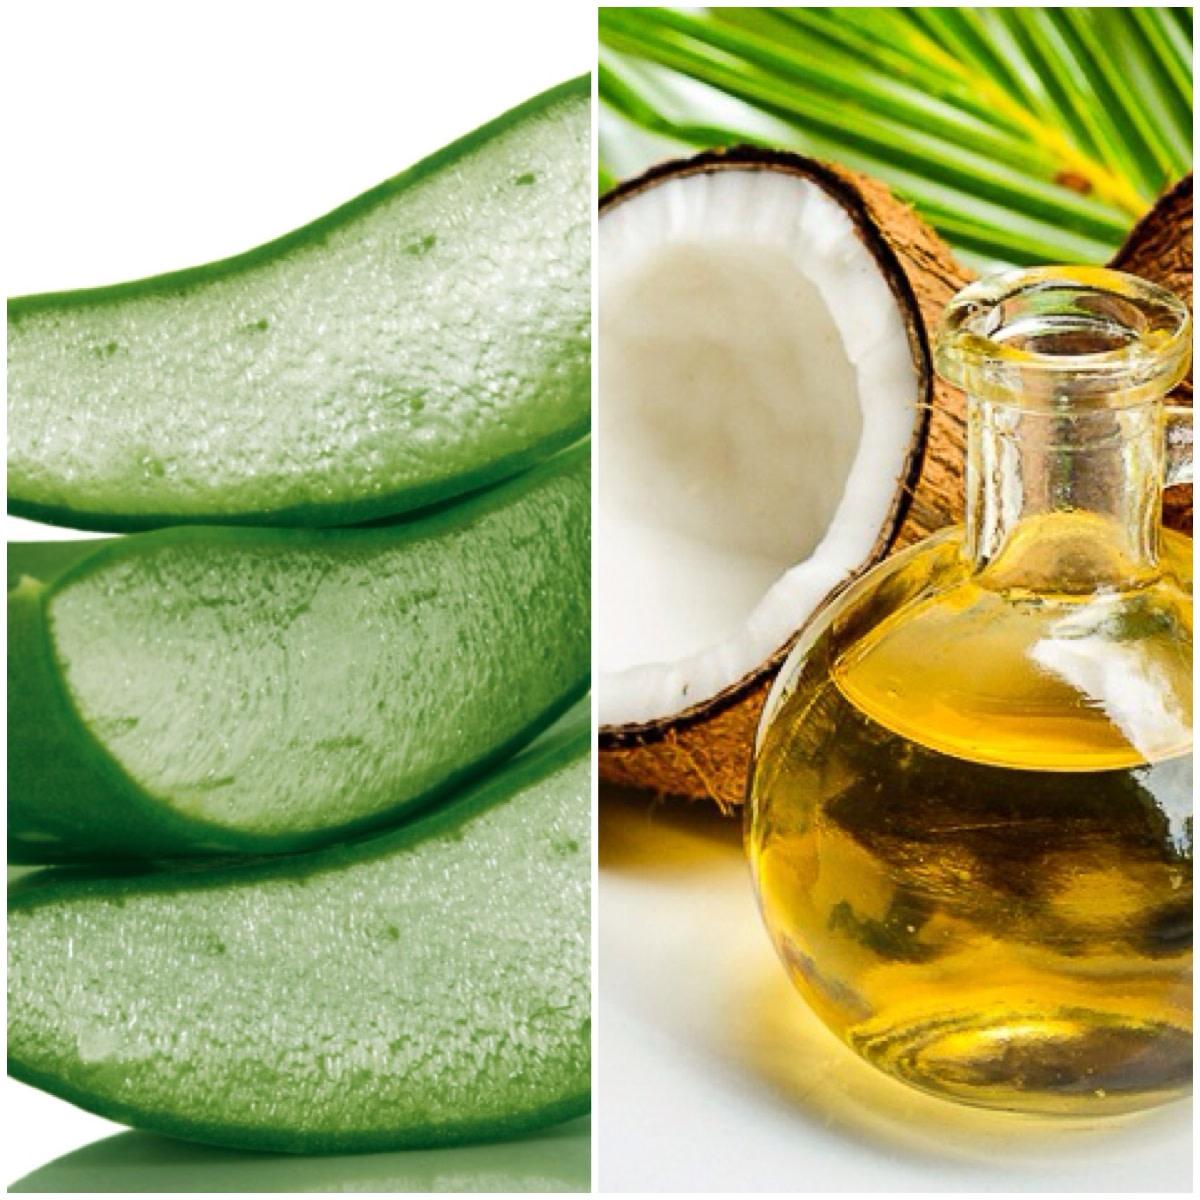 Aloe Vera vs. Coconut Oil—Benefits and